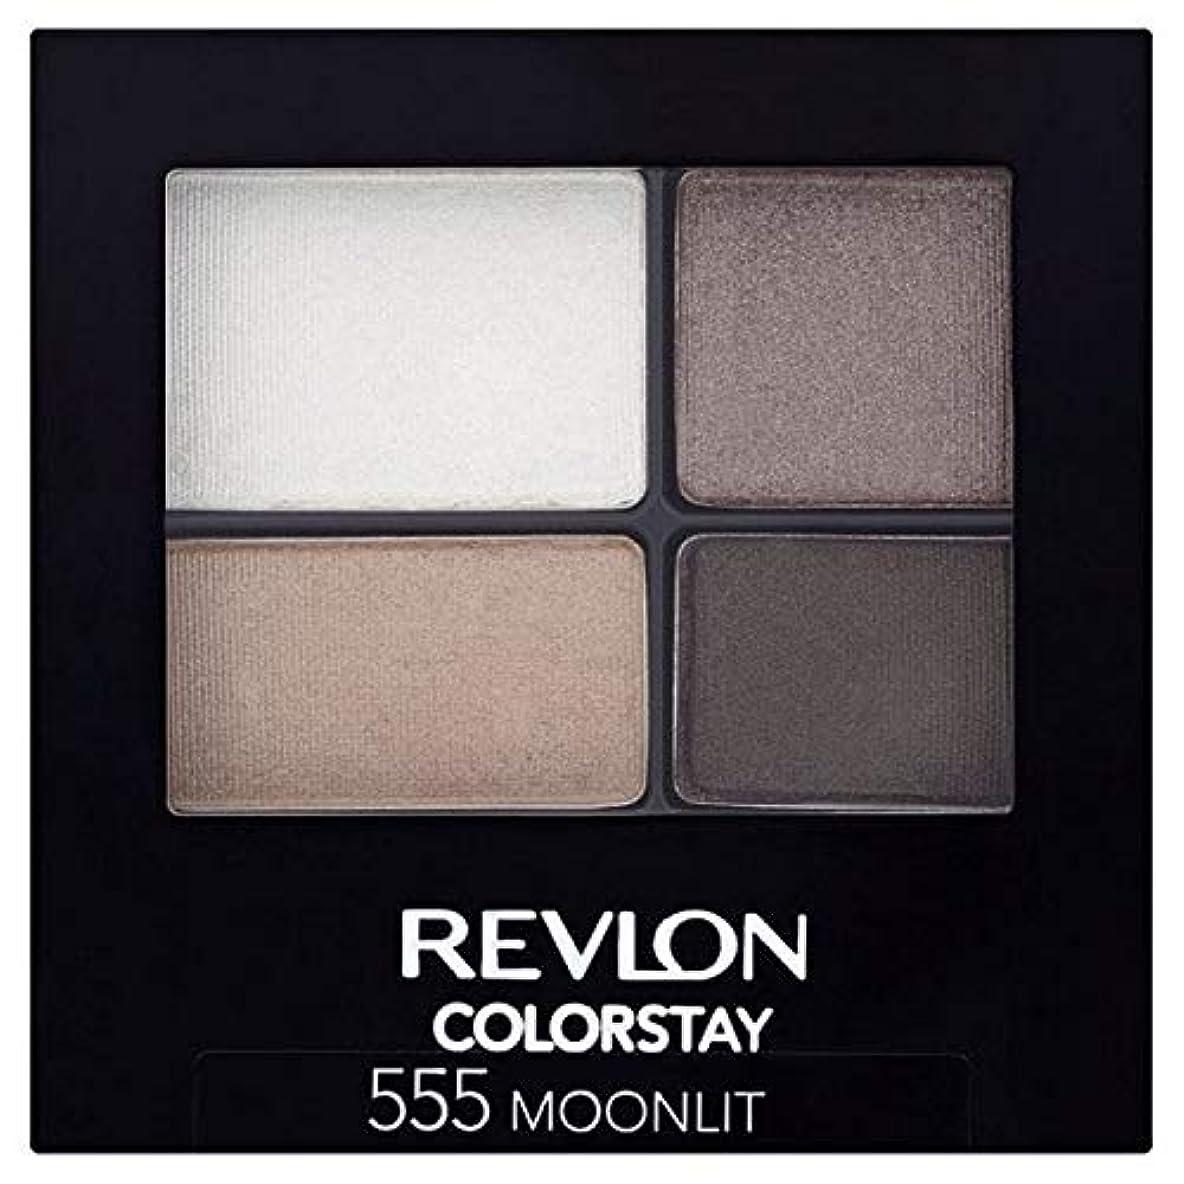 反対した政府つかいます[Revlon ] レブロンColorstay 16時間のアイシャドウは555月光 - Revlon Colorstay 16 Hour Eye Shadow Moonlight 555 [並行輸入品]